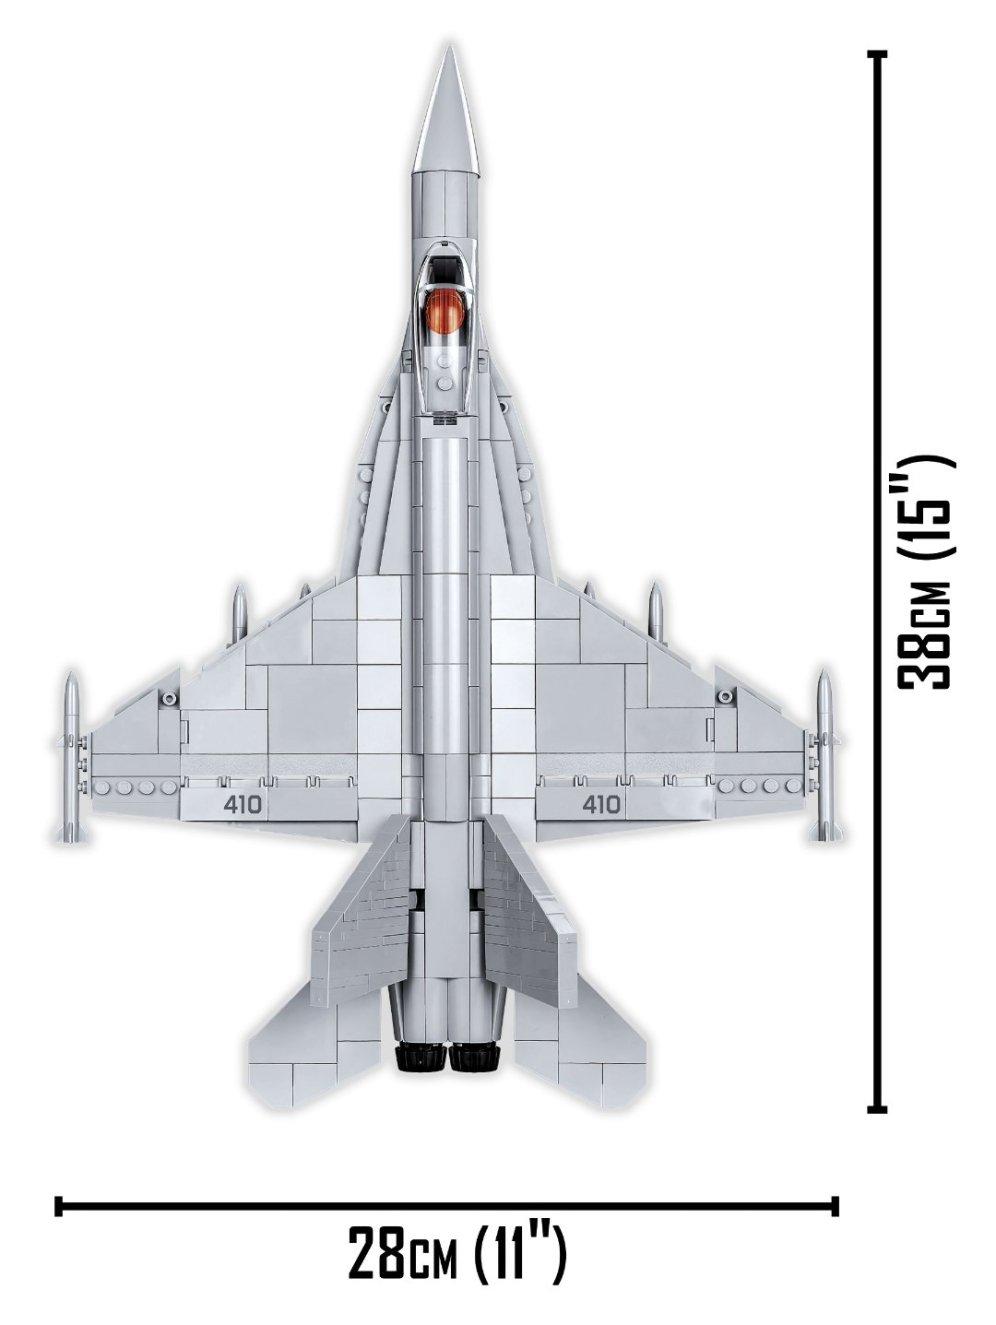 COBI TOP Gun Maverick F18 Length